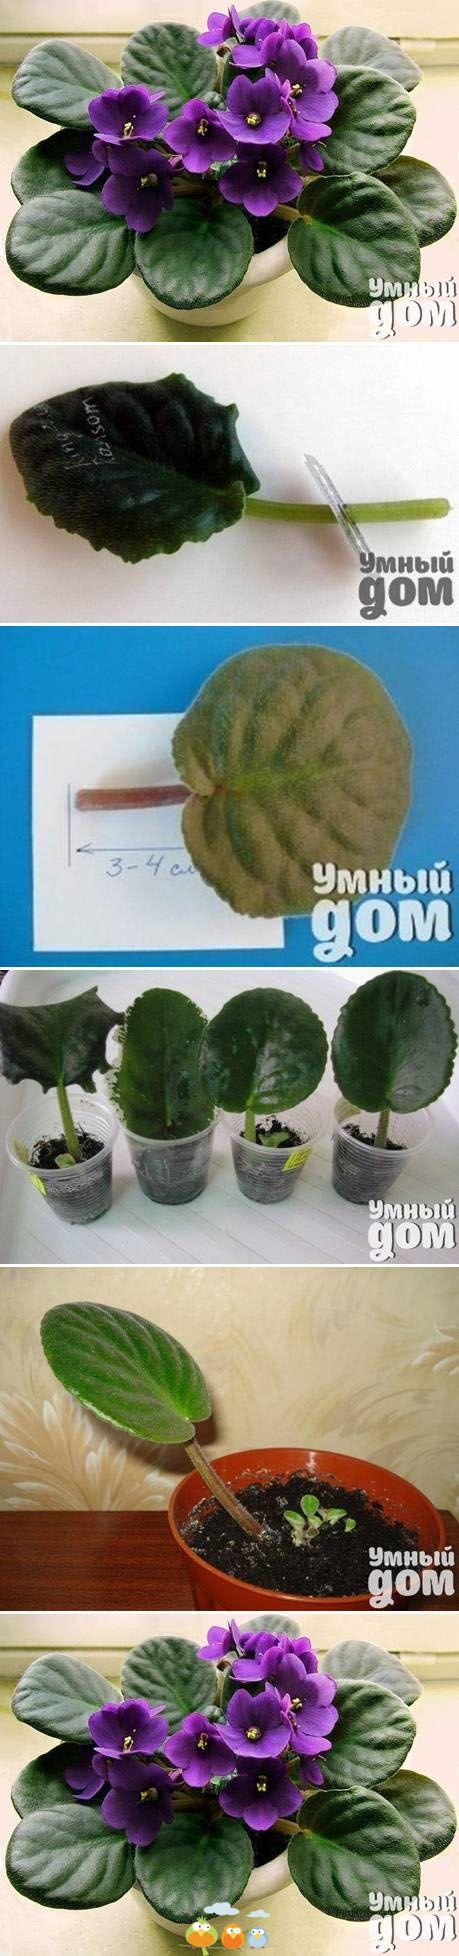 Como crear otras plantas de violeta africana